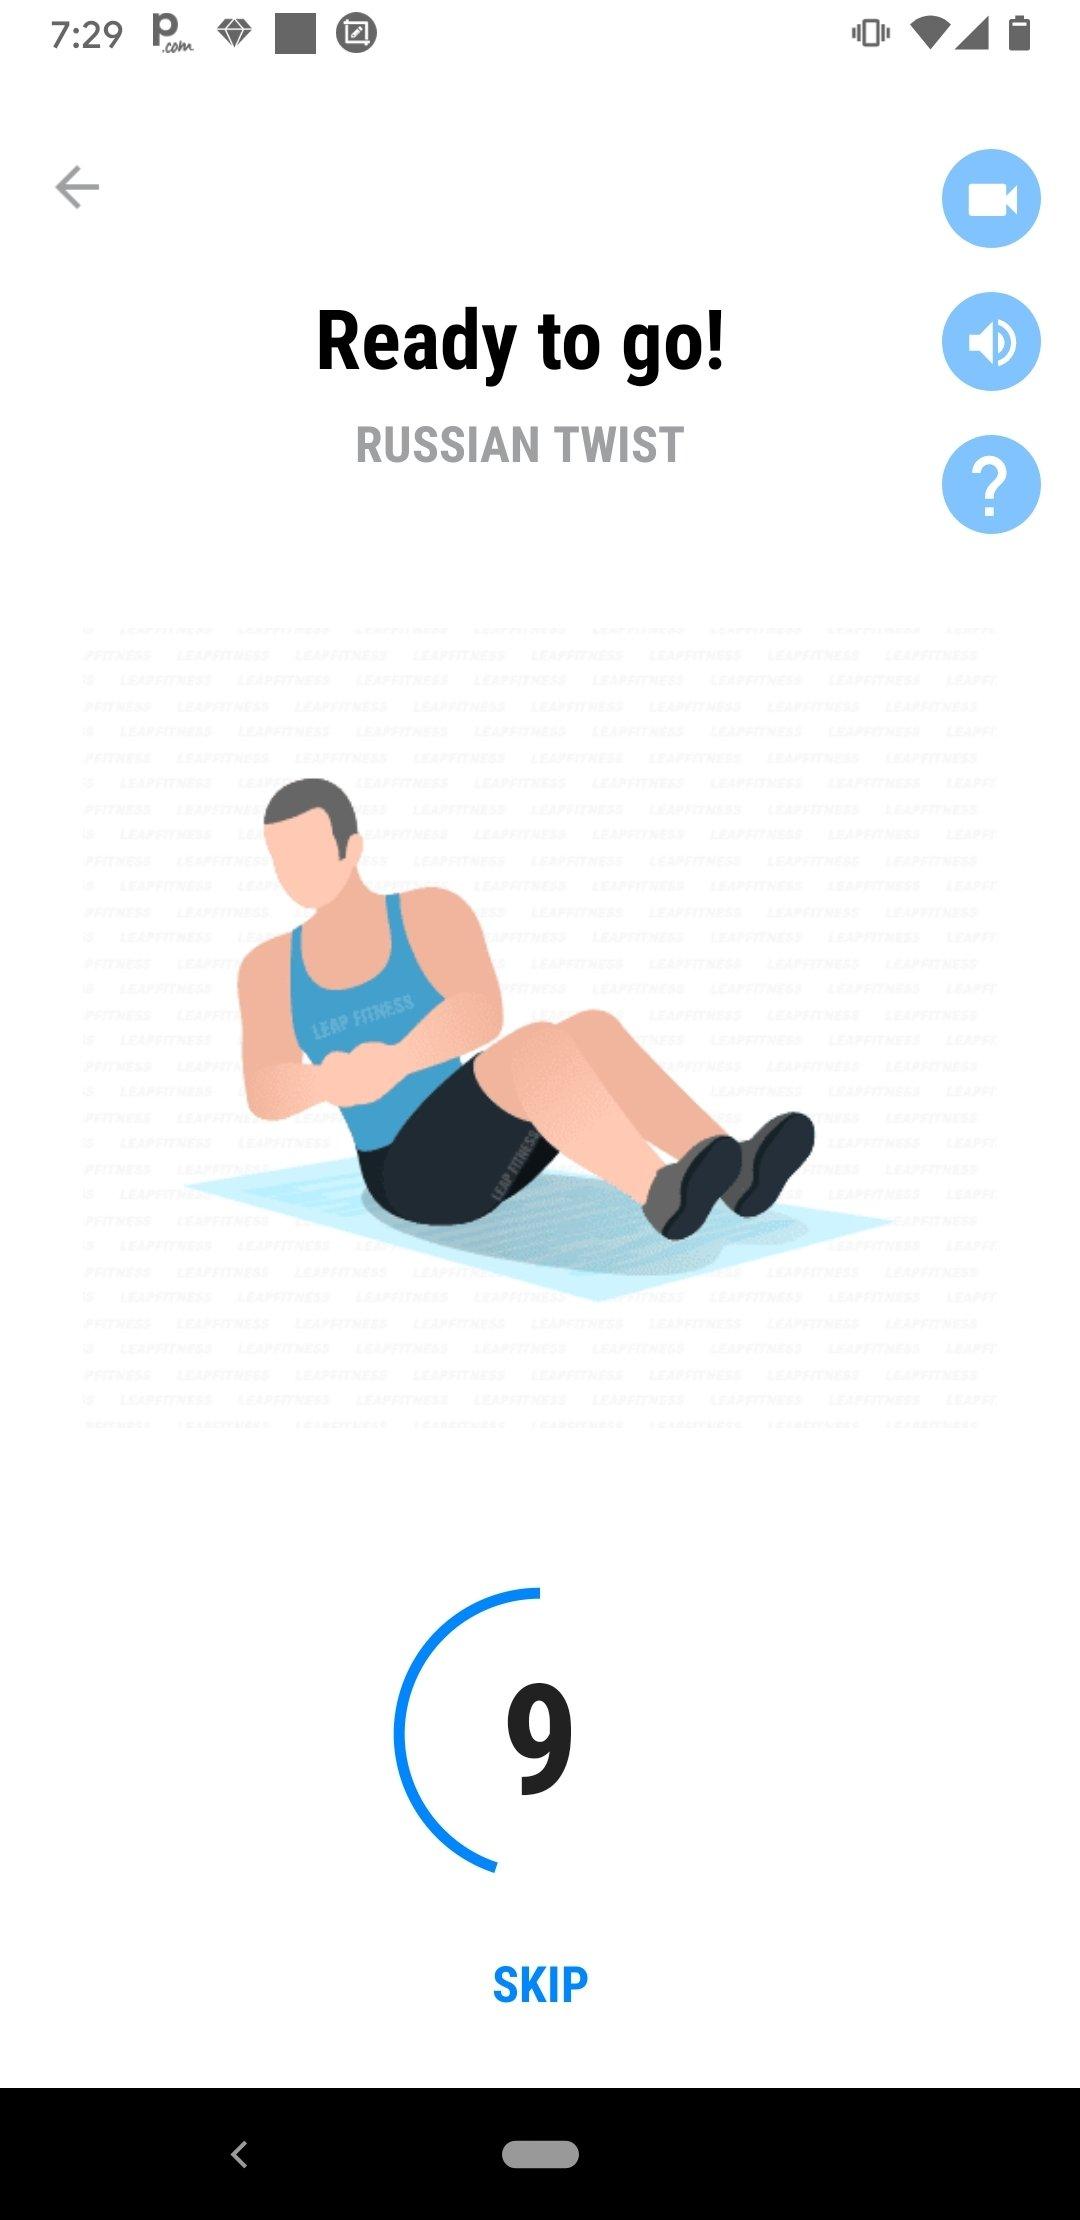 Exercices A La Maison Sans Equipement 1 1 2 Telecharger Pour Android Apk Gratuitement